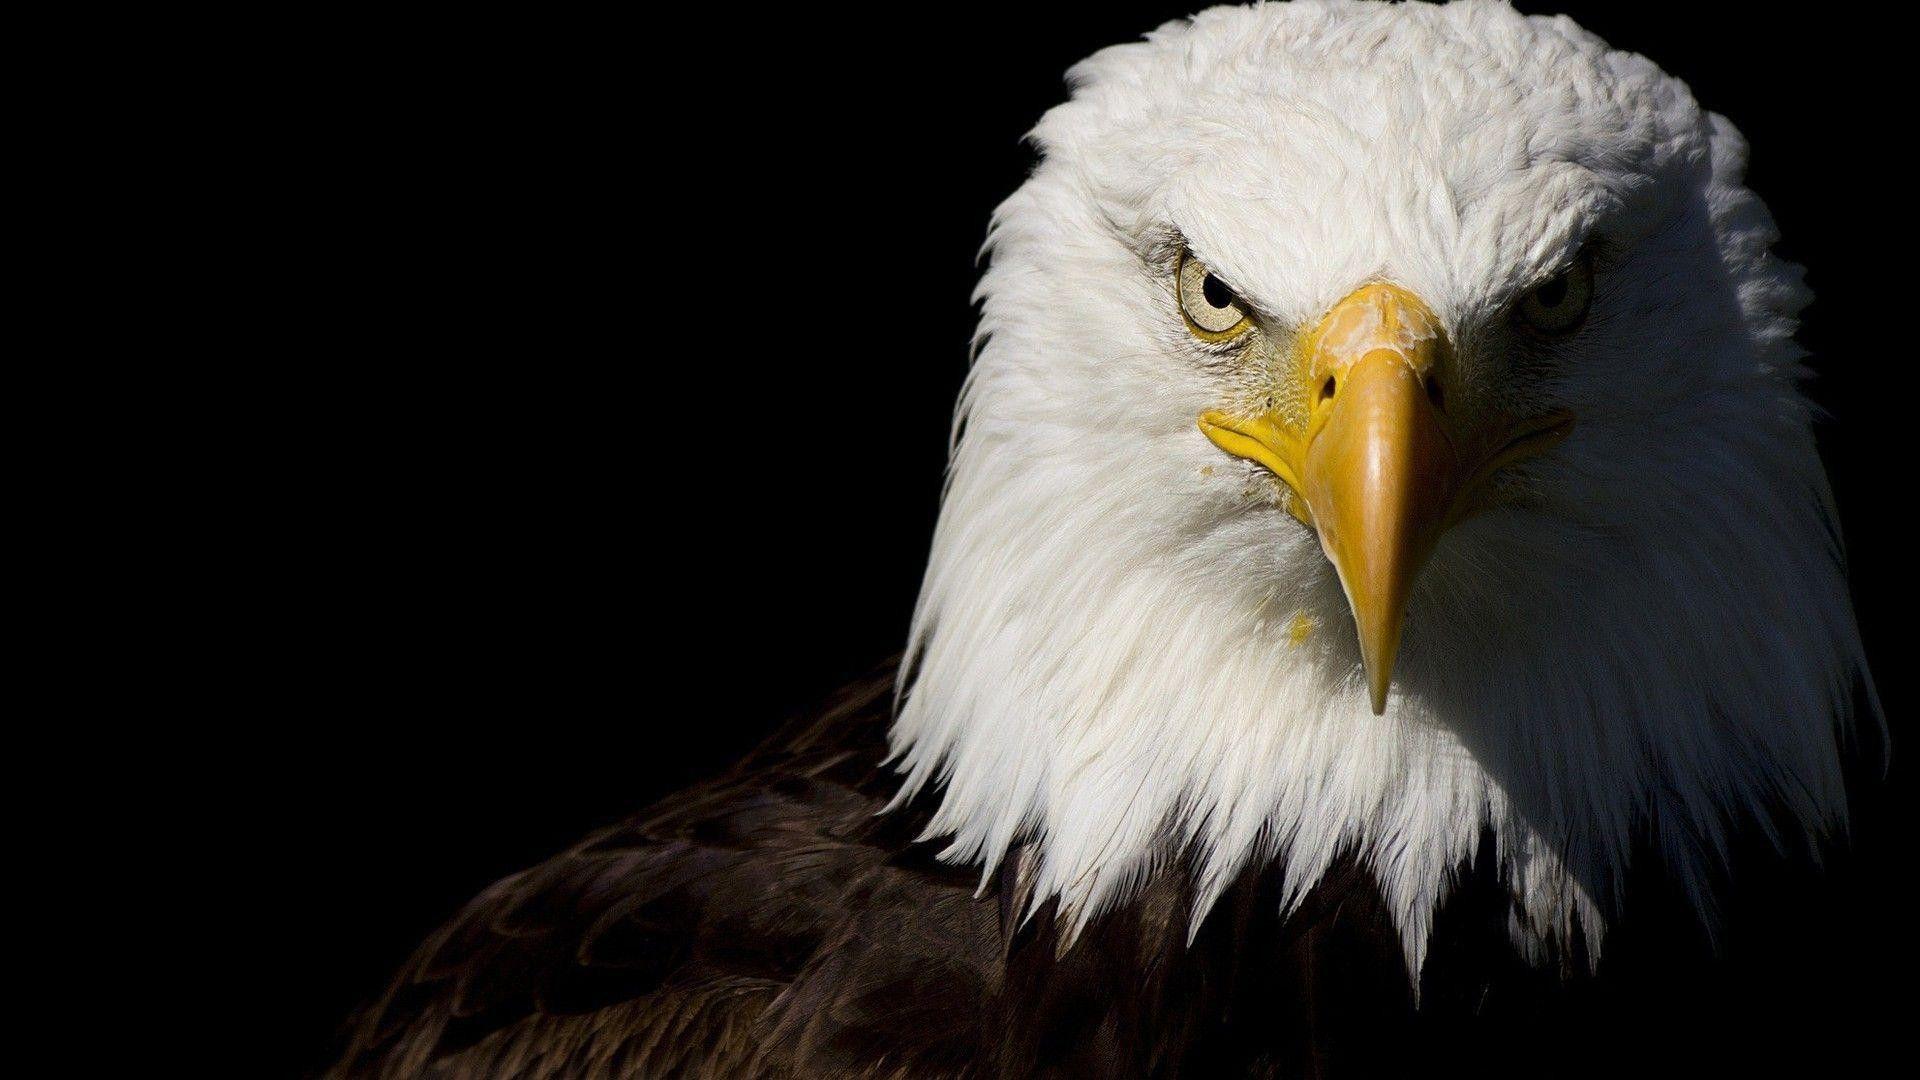 Bald Eagle 1920x1080 Eagle Wallpaper Eagle Images Bald Eagle